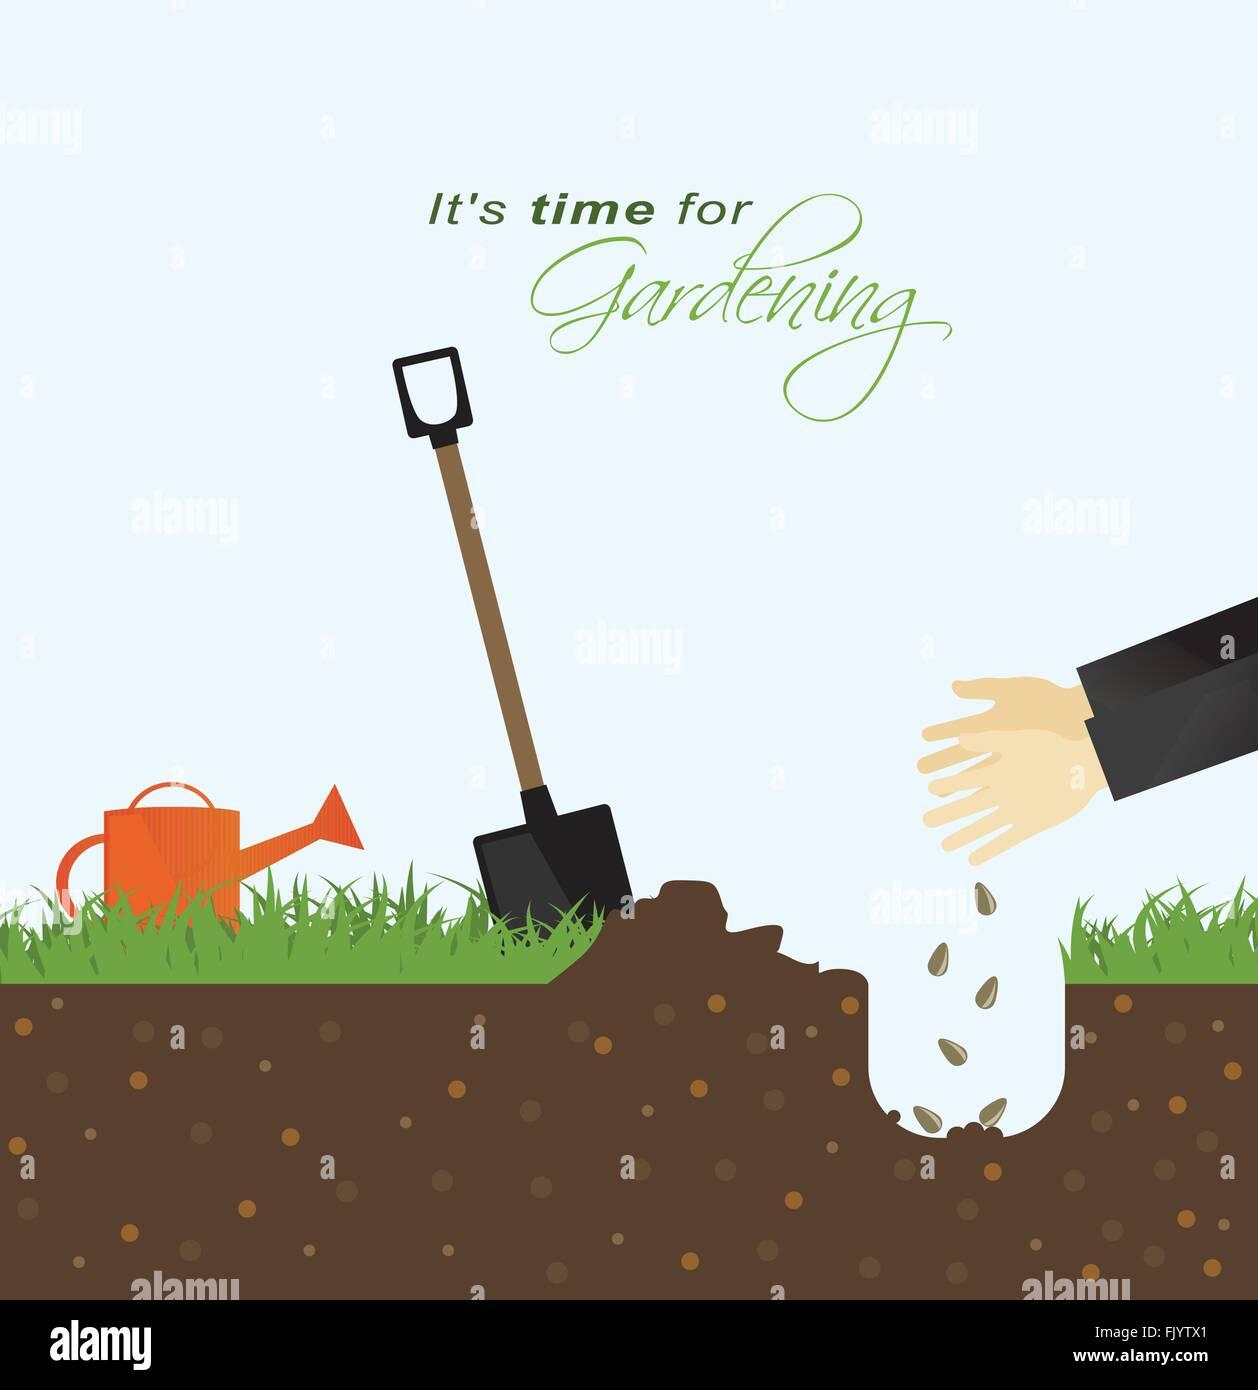 Il est temps pour le jardinage.mettre des graines dans le sol avec leur nom et l'arrosoir dans le champ Photo Stock